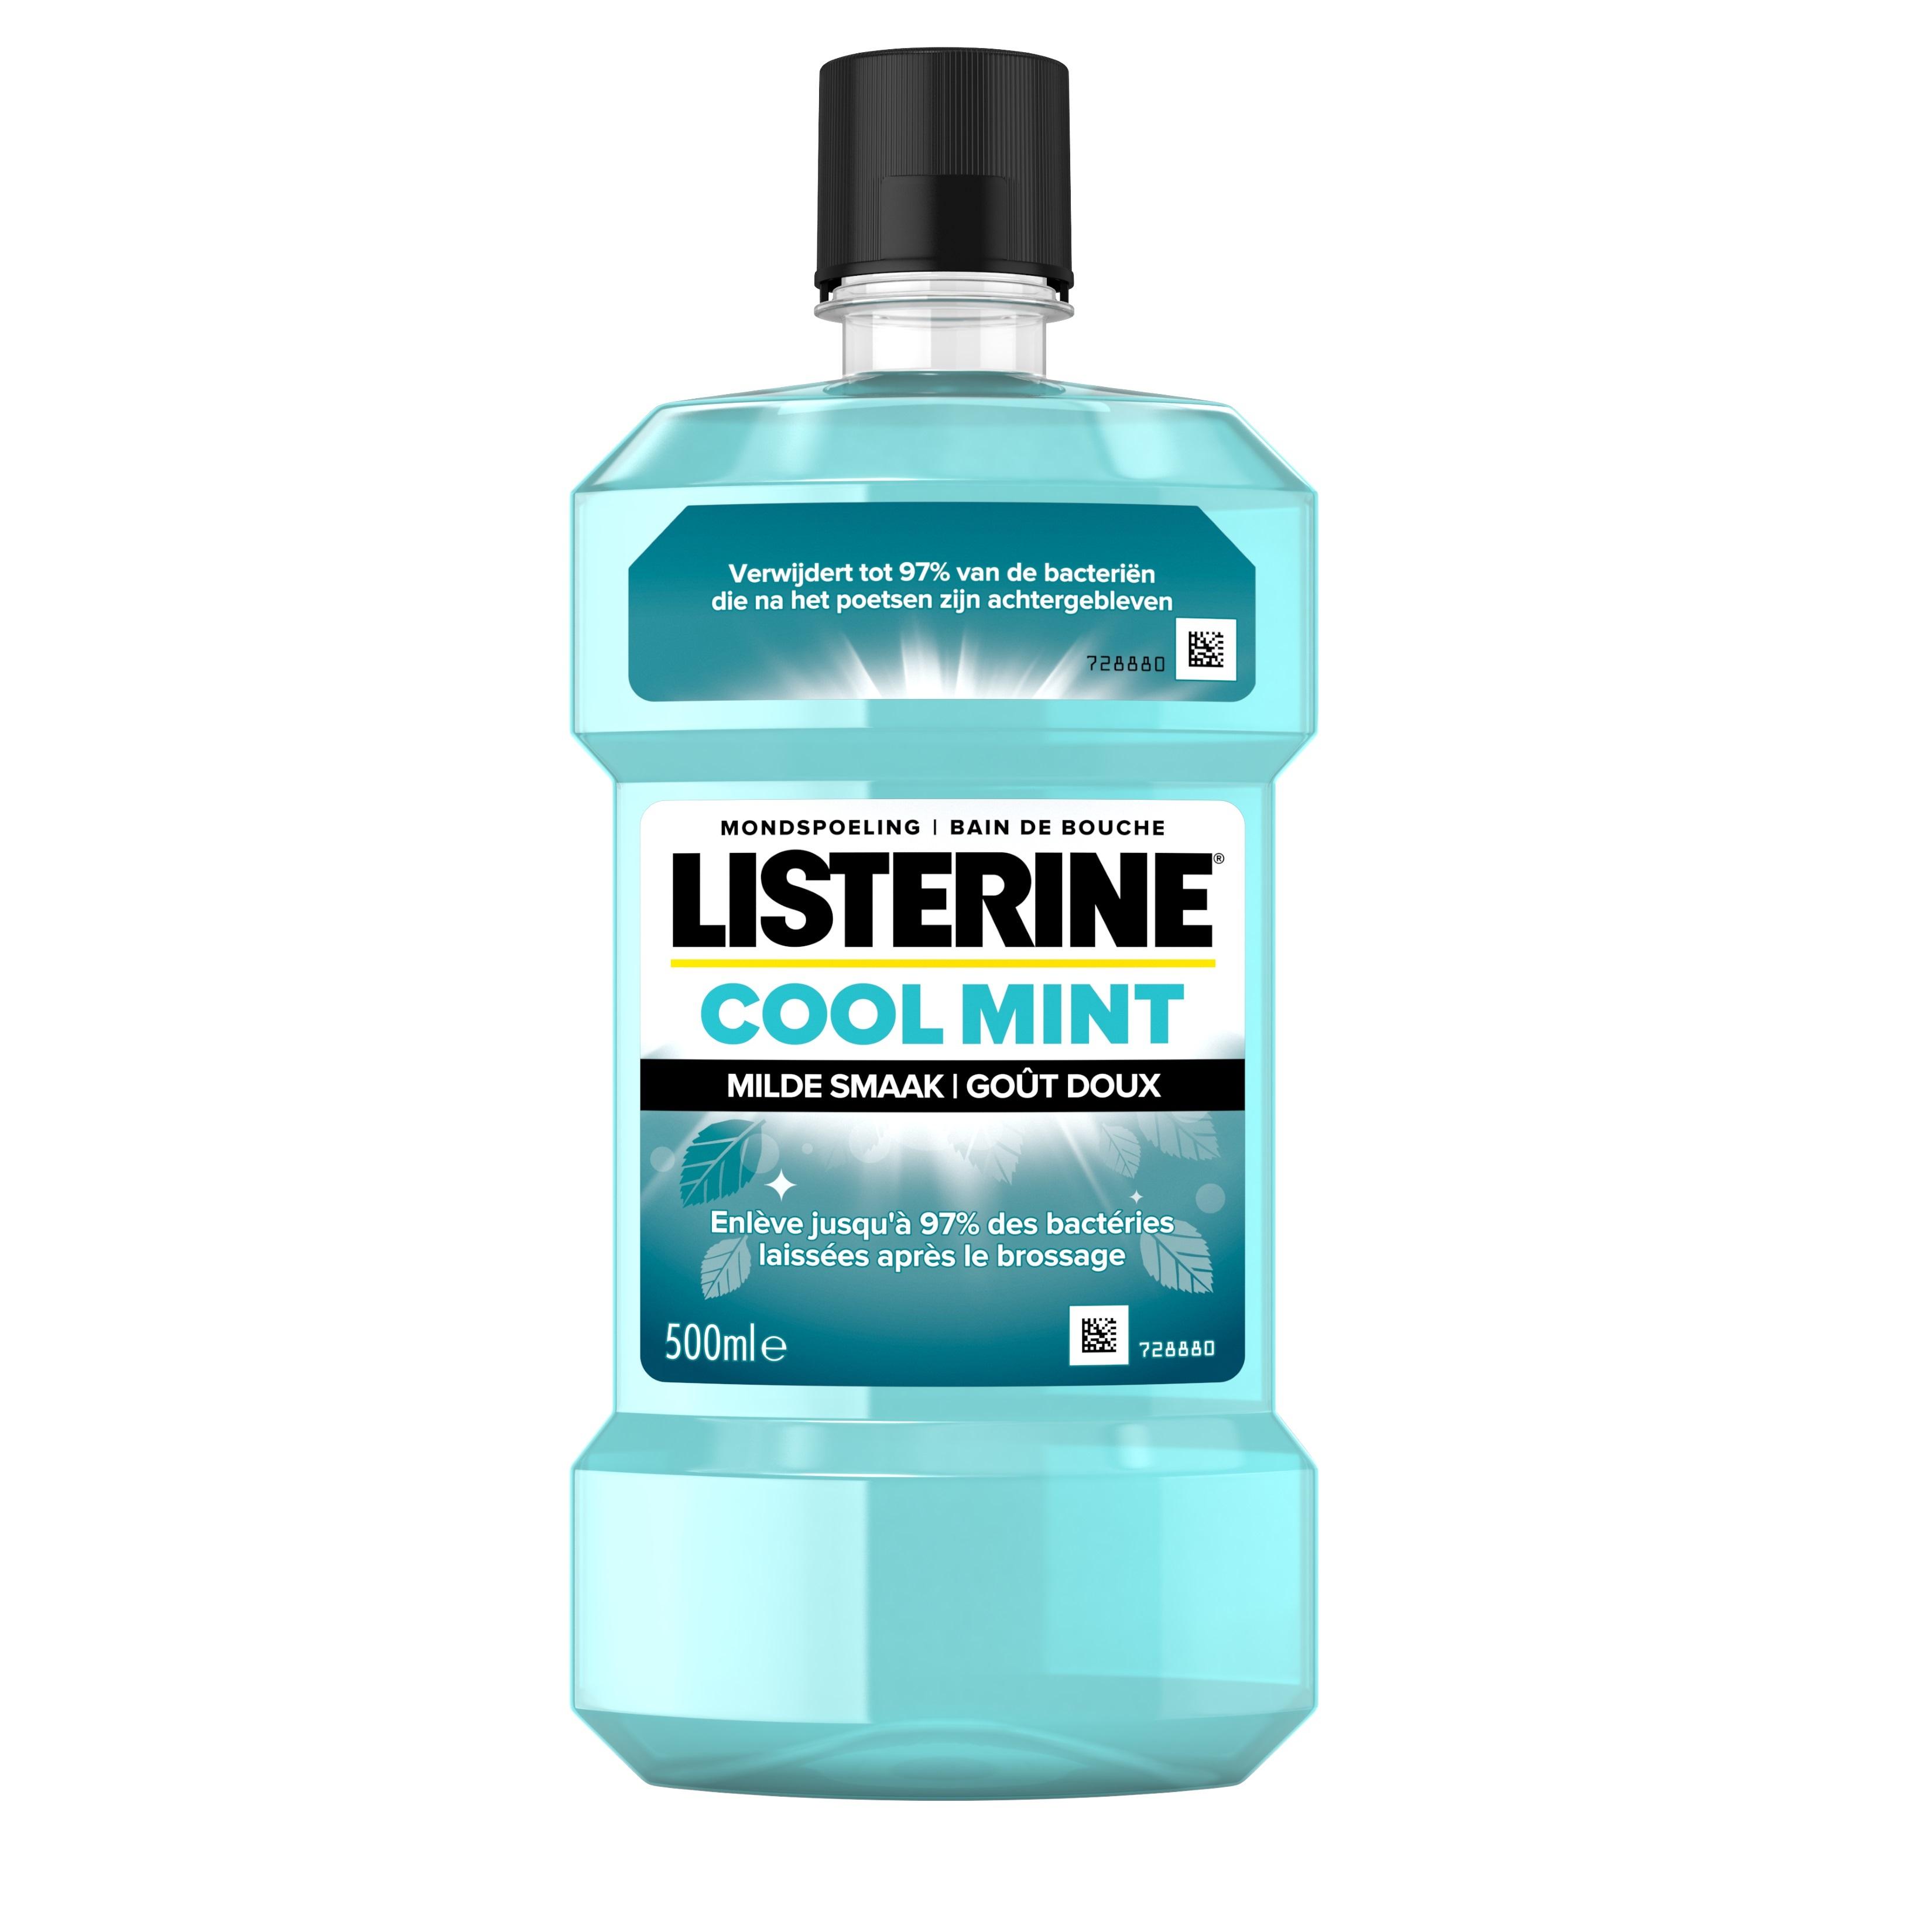 Image of Listerine Coolmint doux zéro